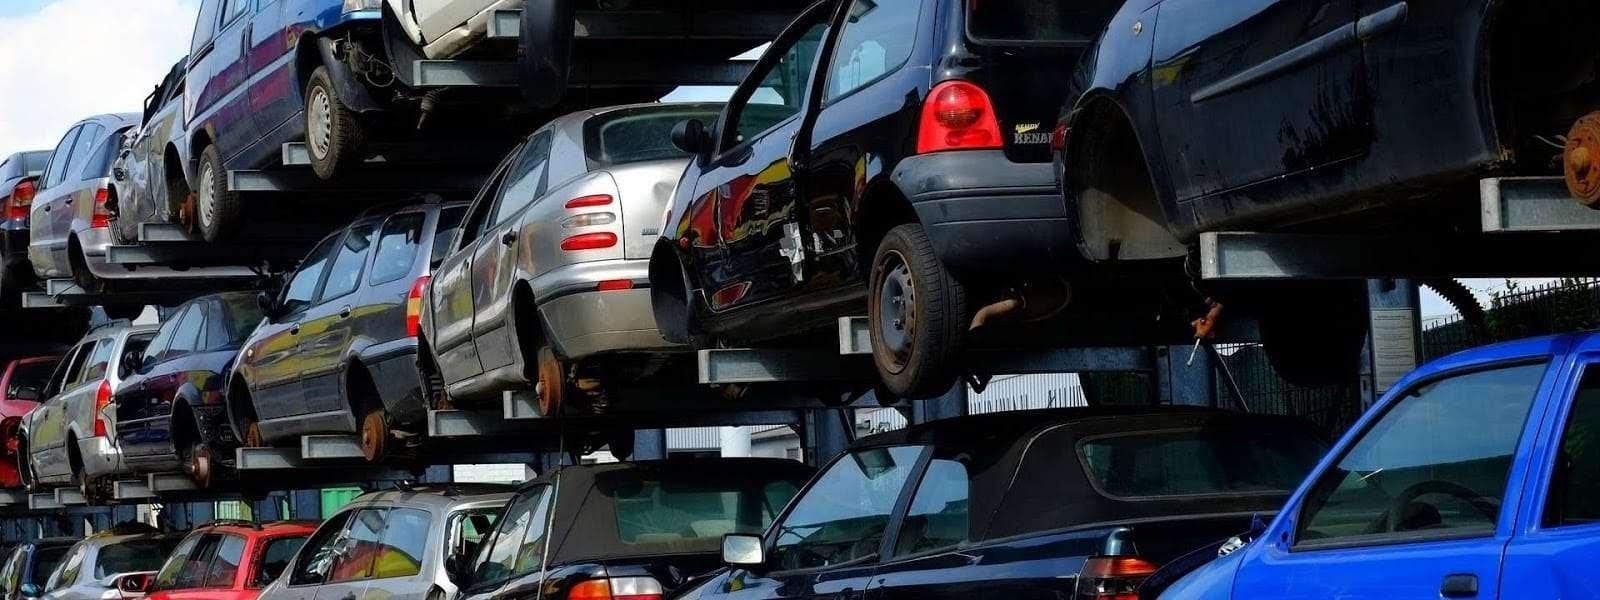 Scrap My Car Services In Croydon | Scrap Cars Wallington